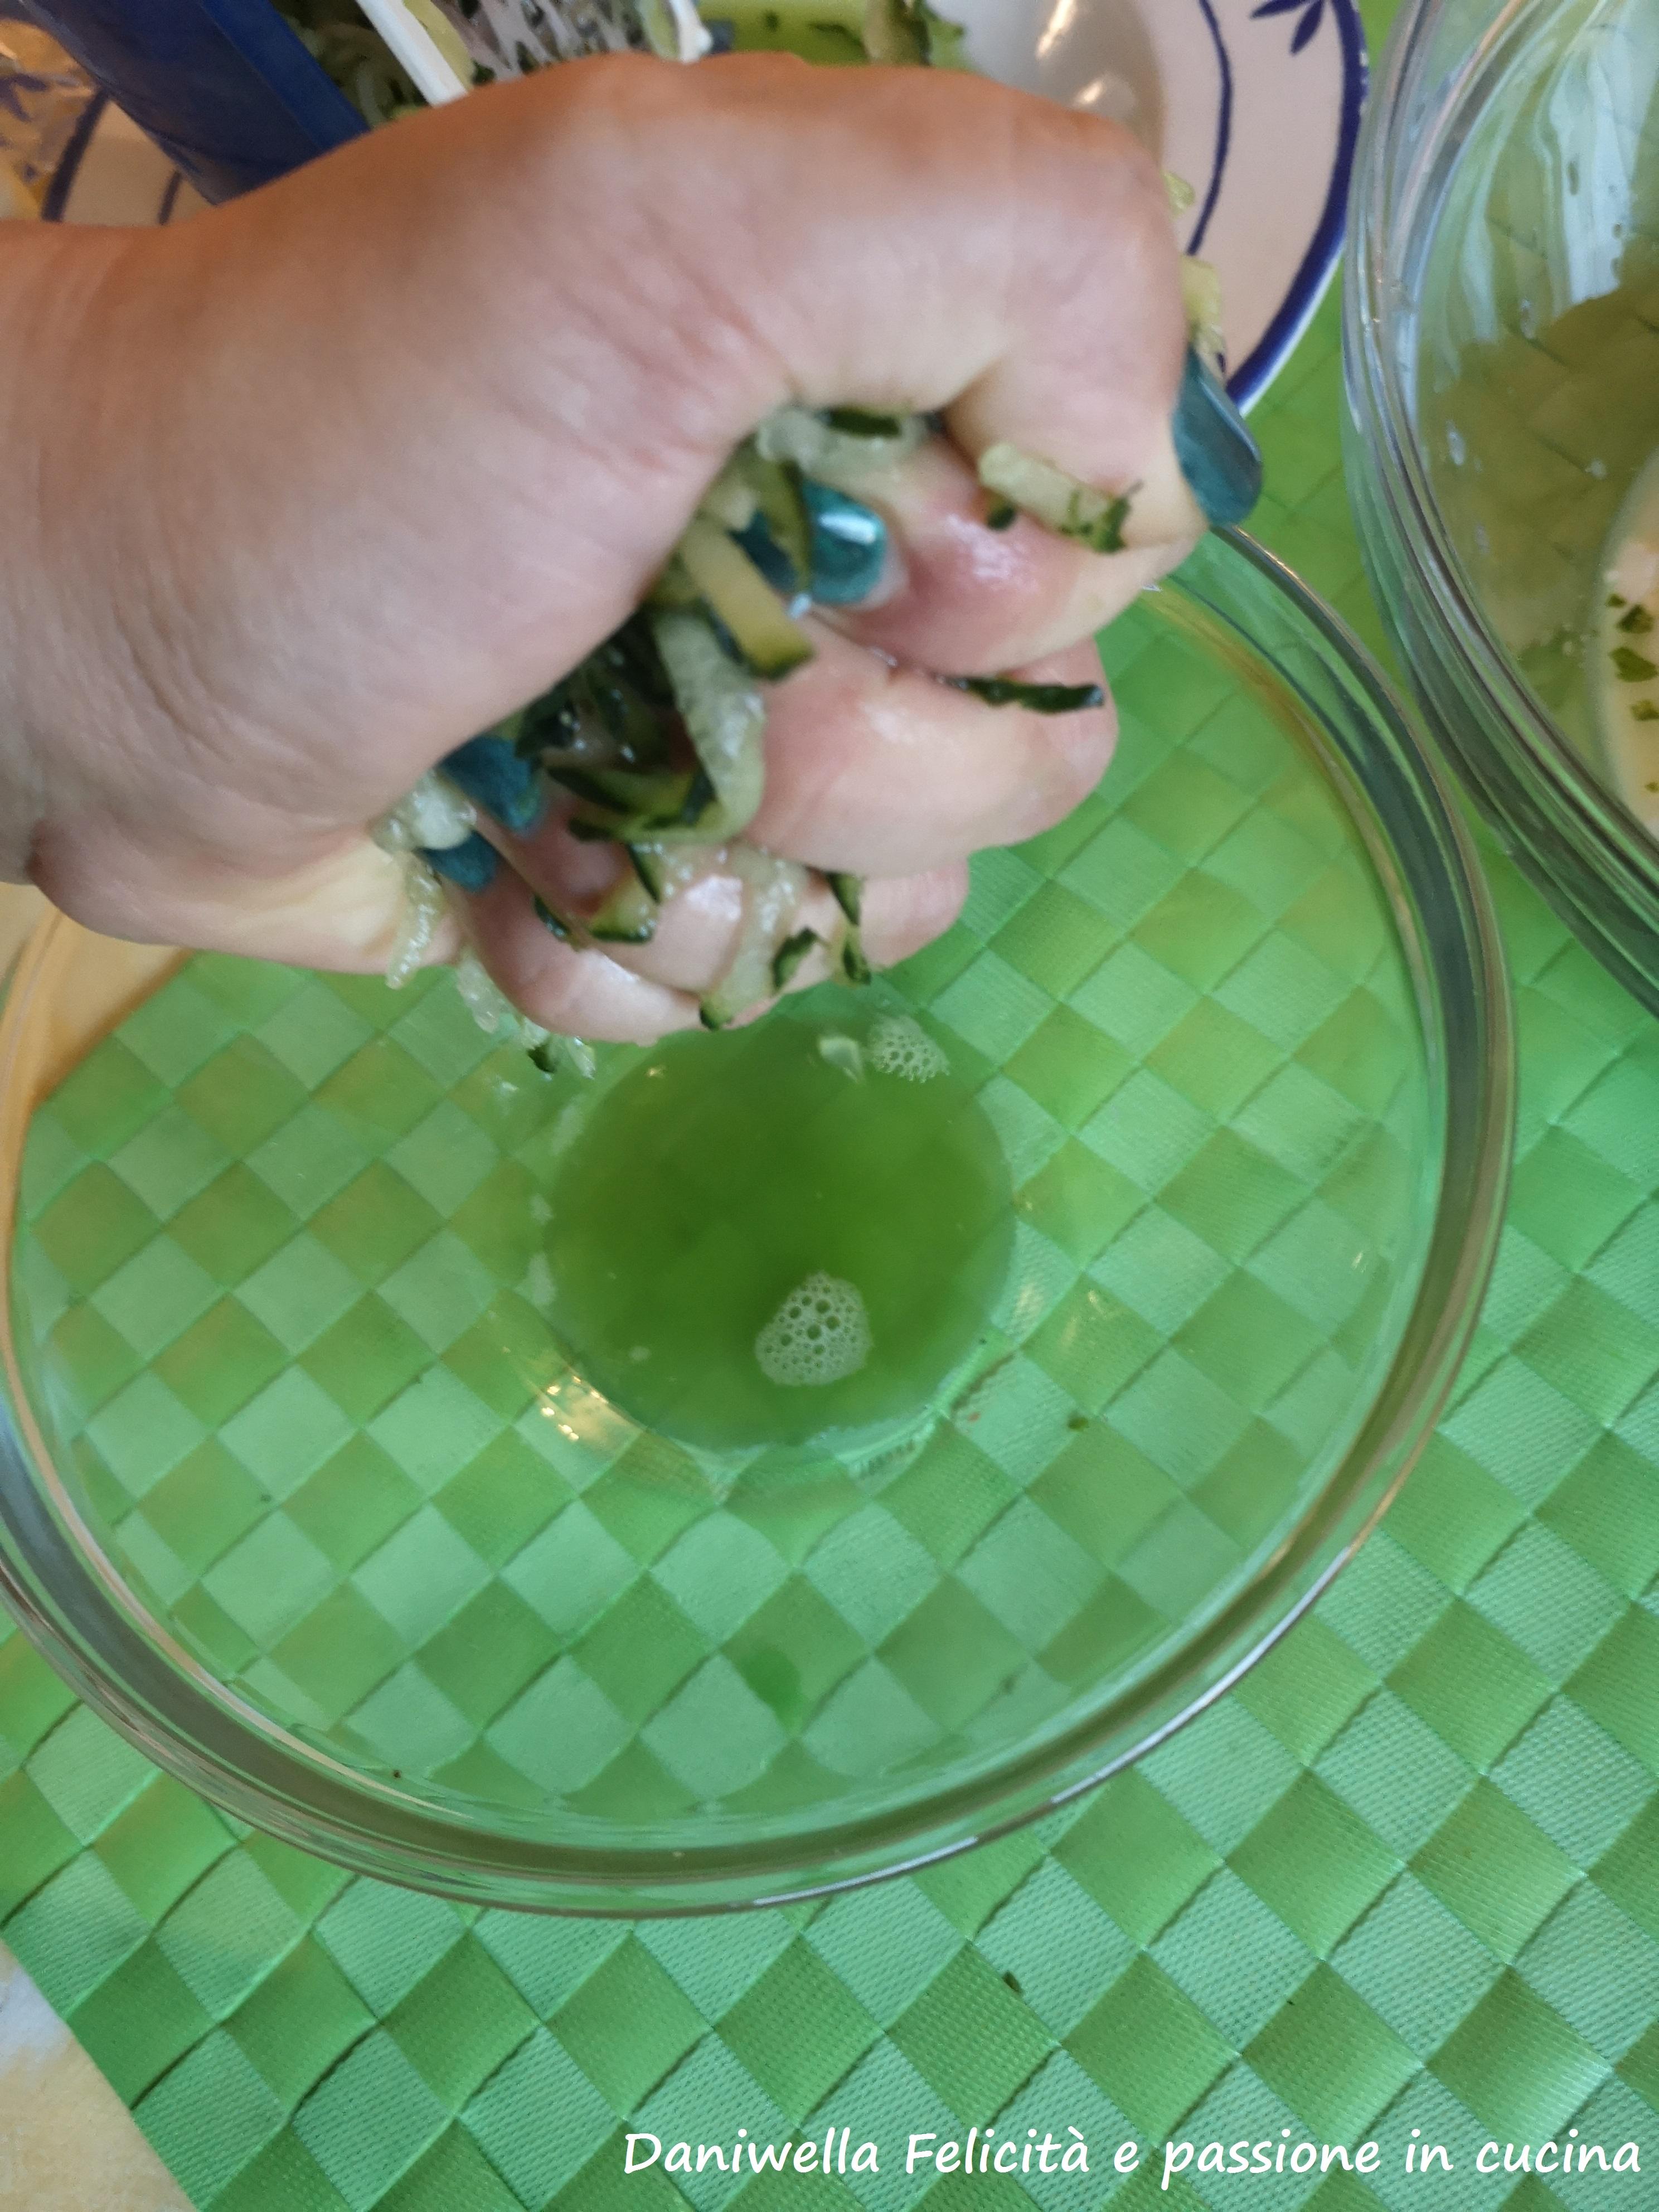 Strizzate il più possibile tra le mani il cetriolo grattugiato. Cercate di eliminare quanto più possibile l'acqua di vegetazione. Il cetriolo si deve ridurre notevolmente.